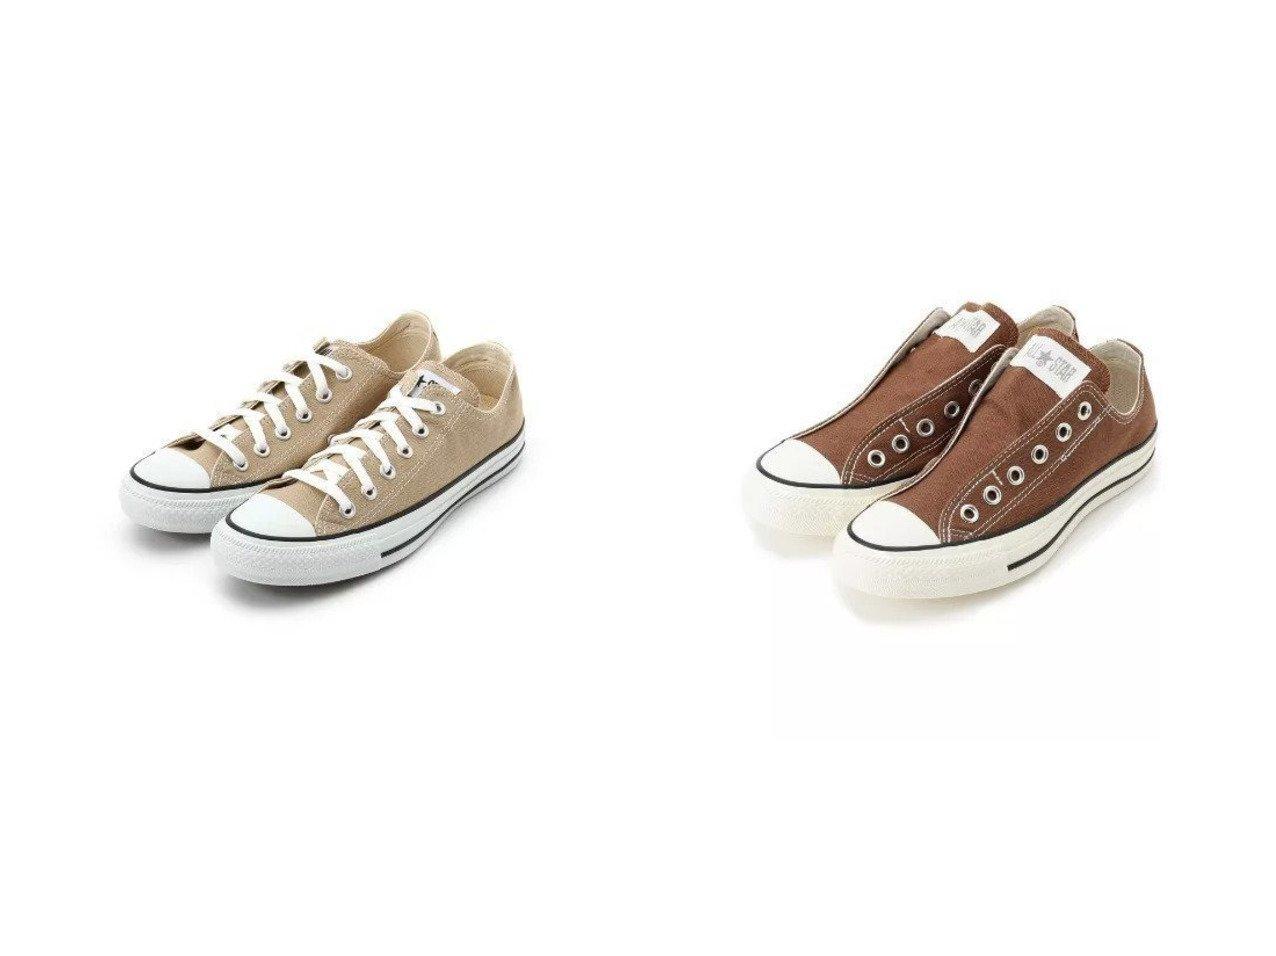 【Couture Brooch/クチュール ブローチ】のCONVERSE ALL STAR スリッポン スニーカー&CONVERSE ALL STAR スニーカー シューズ・靴のおすすめ!人気、トレンド・レディースファッションの通販 おすすめで人気の流行・トレンド、ファッションの通販商品 メンズファッション・キッズファッション・インテリア・家具・レディースファッション・服の通販 founy(ファニー) https://founy.com/ ファッション Fashion レディースファッション WOMEN シューズ スニーカー 定番 Standard |ID:crp329100000022551